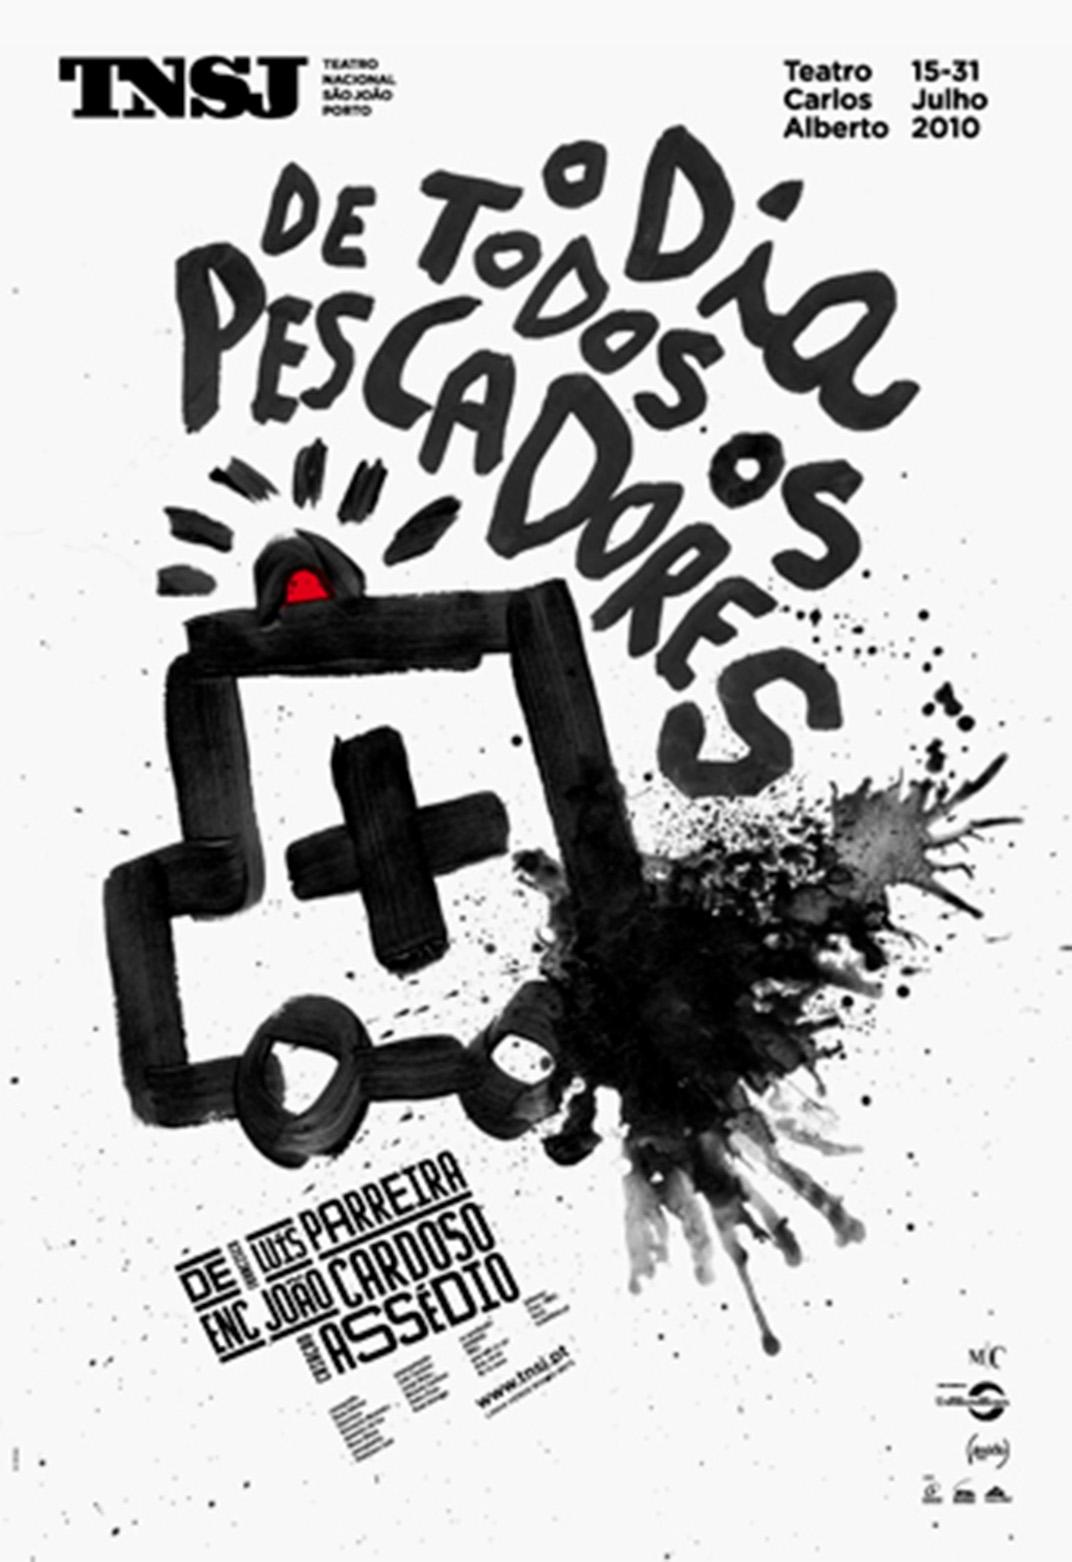 O DIA DE TODOS OS PESCADORES (2010)